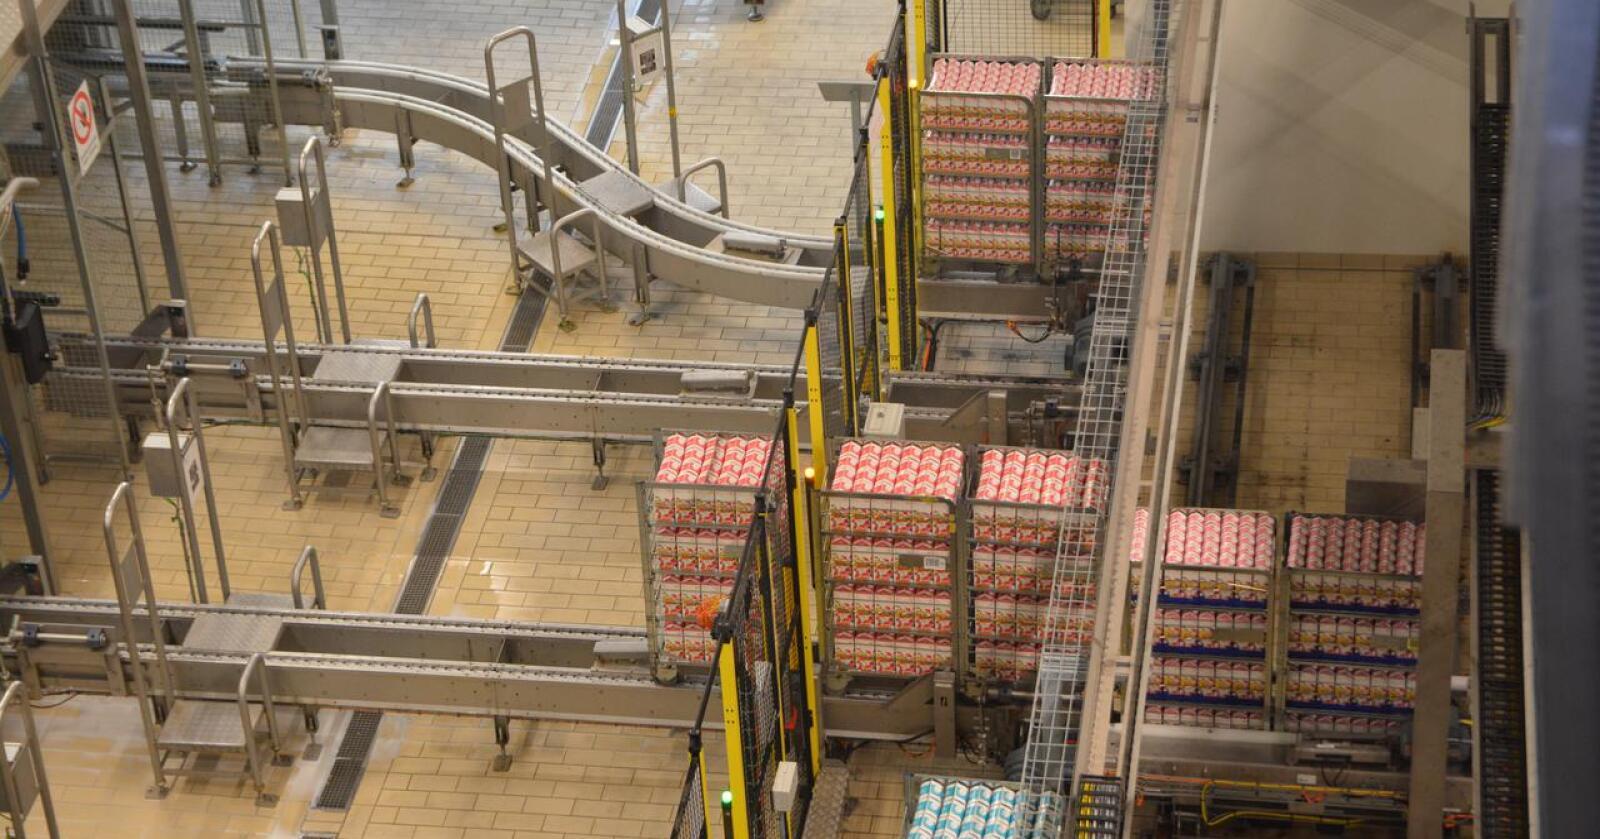 Tine Meieriet Oslo på Kalbakken er Norges største konsummelkanlegg. Det er stans i leveransene av Skolelyst til og med 8. februar, opplyser Tine. Foto: Anders Sandbu